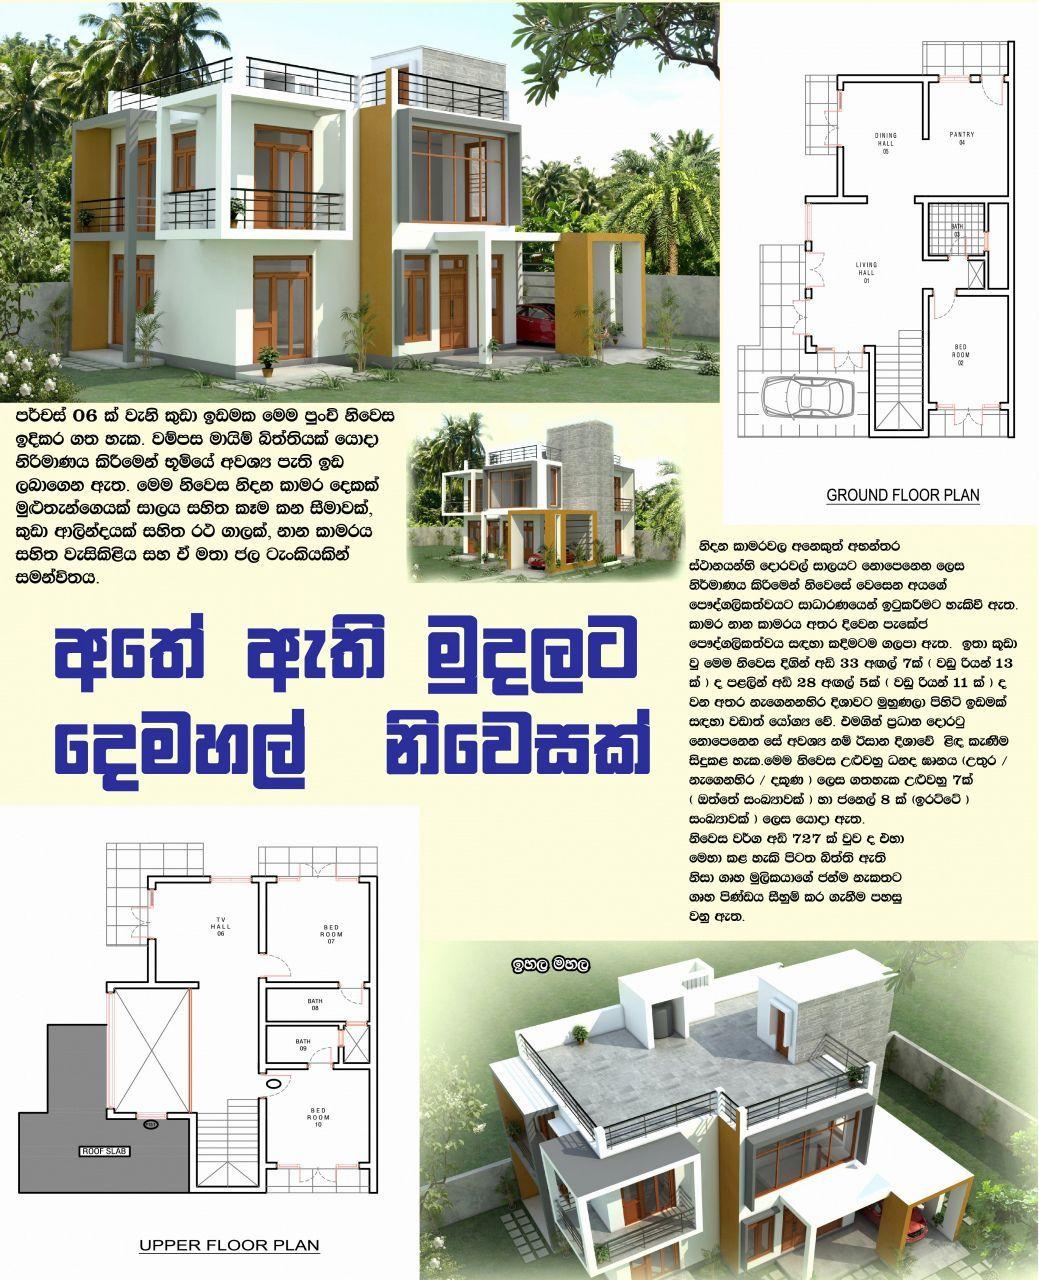 Ideas For House Plans s Sri Lanka